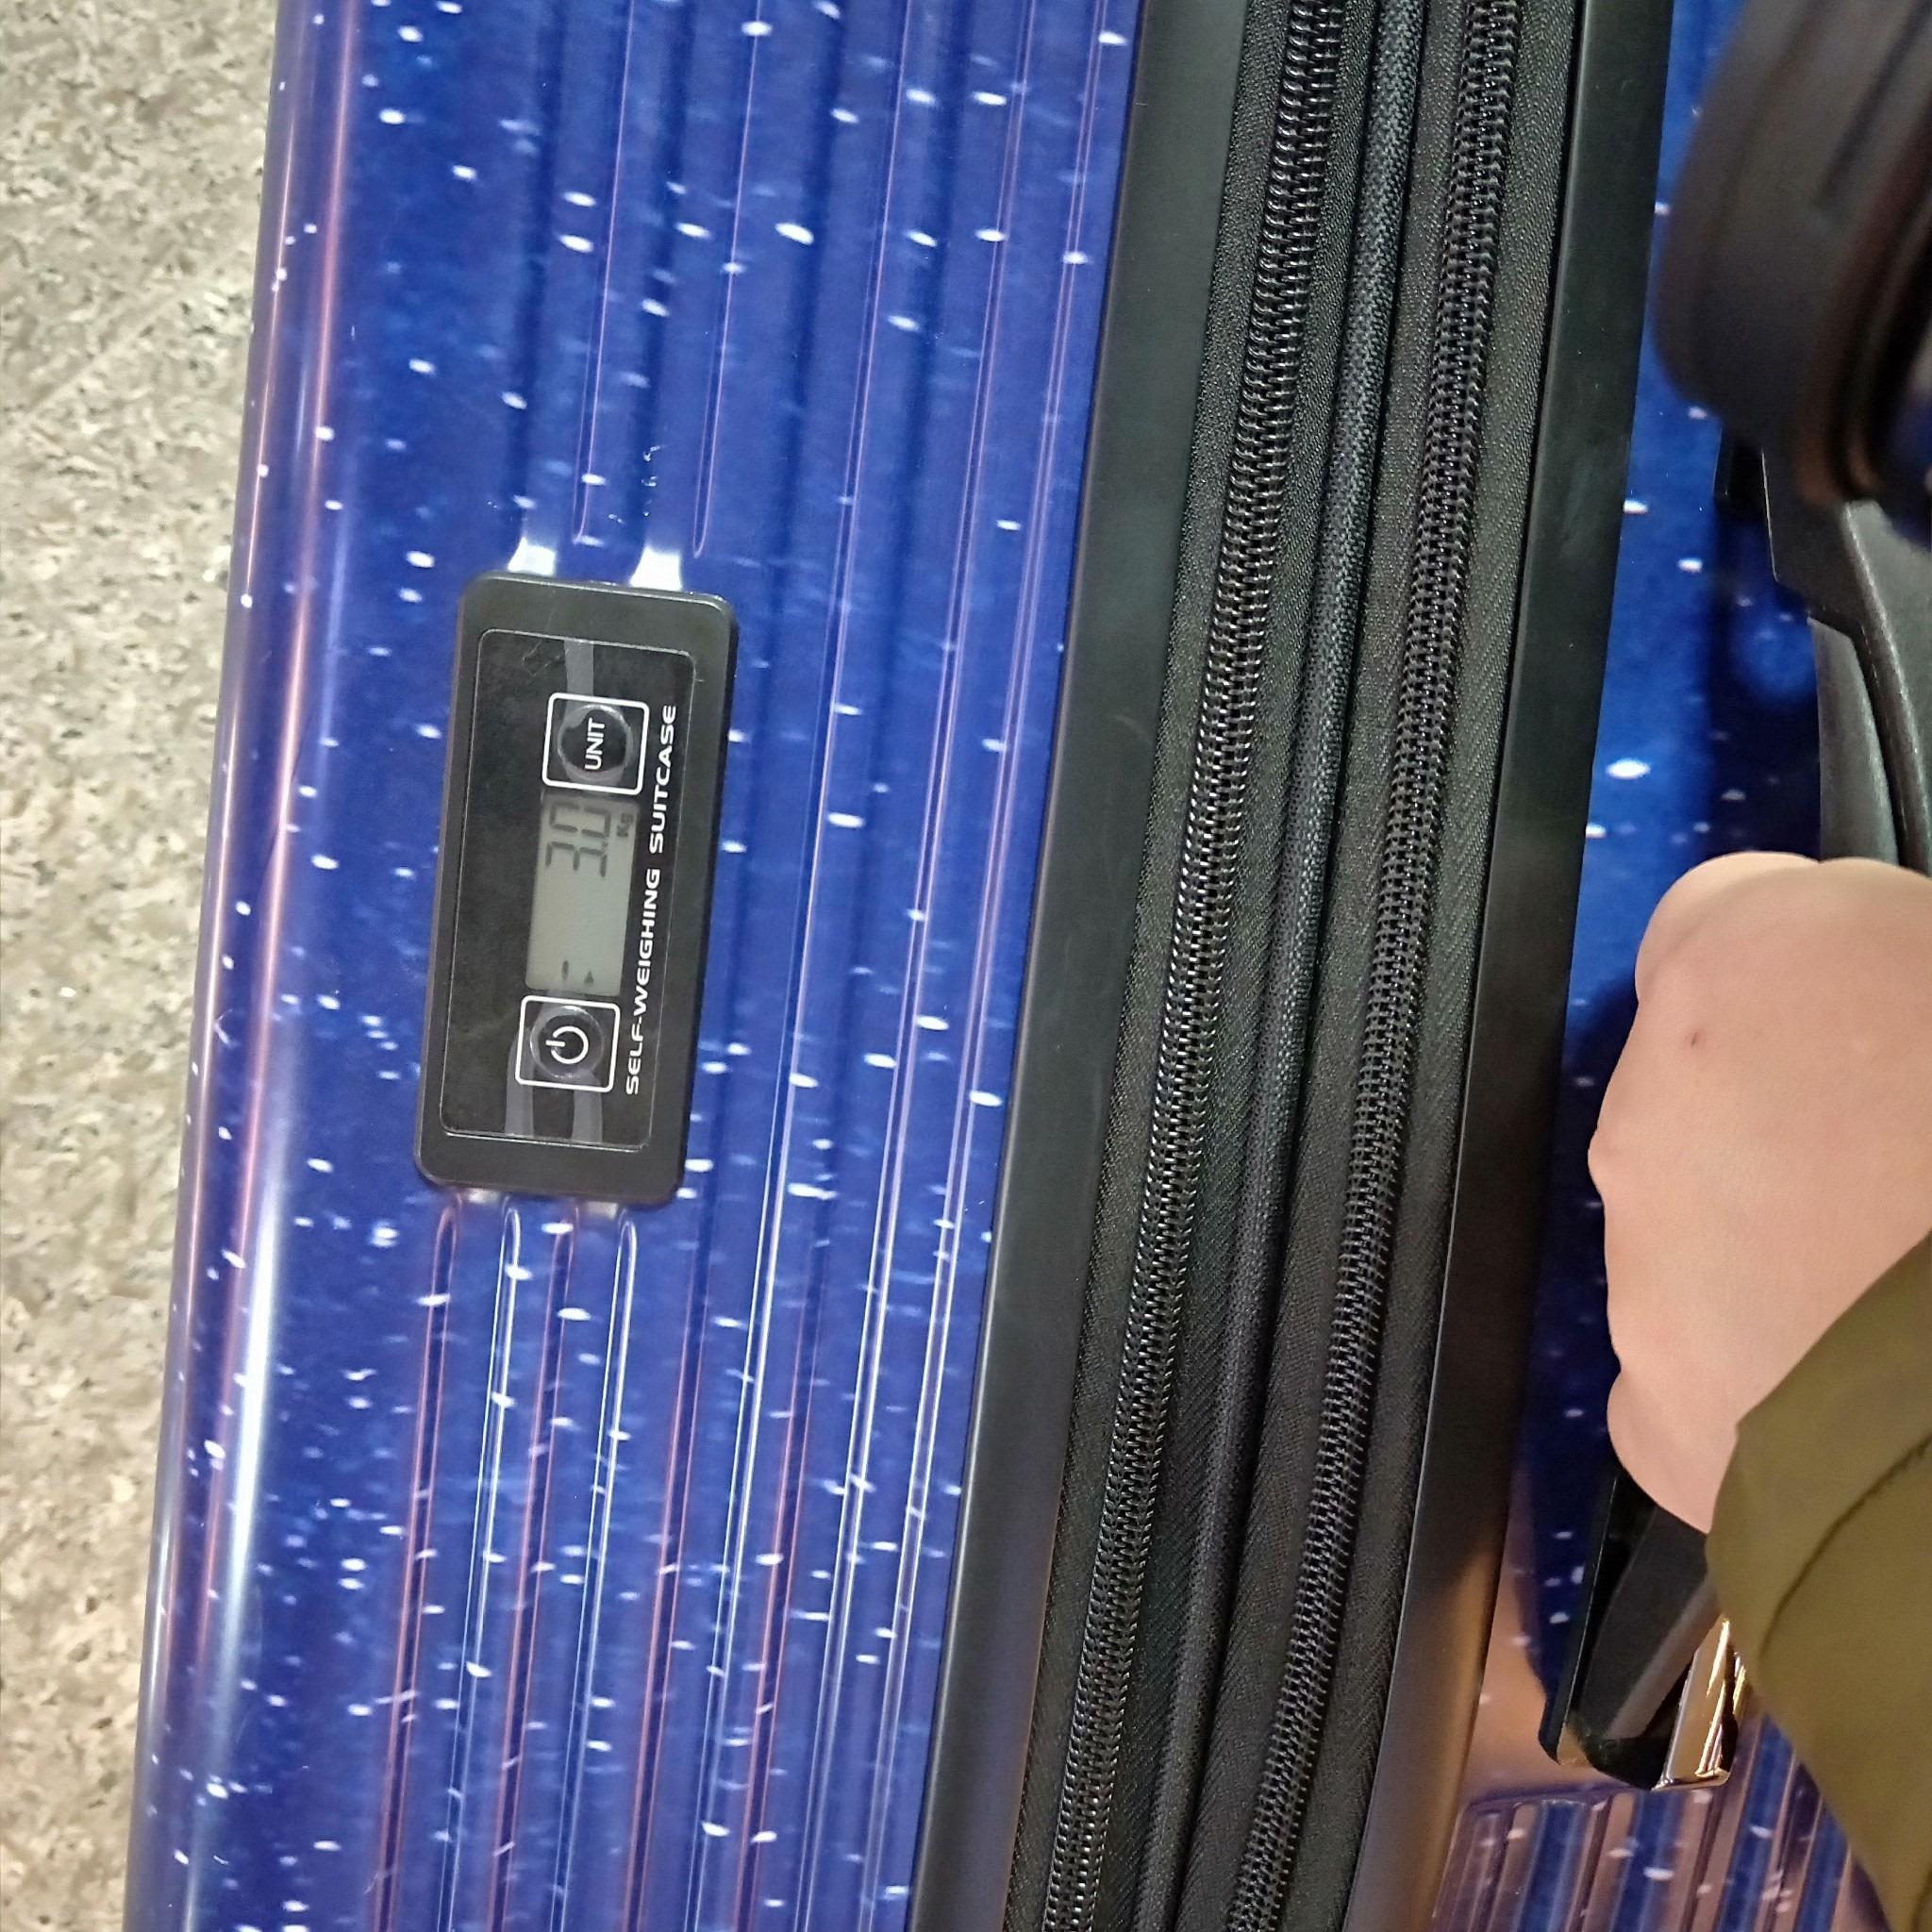 旅行好物-法國精品 Flexflow 拉鍊測重旅行箱-星空旅行箱實在太美啦,內建稱重好貼心,出國旅行不用擔心還要付超重費啊!!! (邀約) @民宿女王芽月-美食.旅遊.全台趴趴走